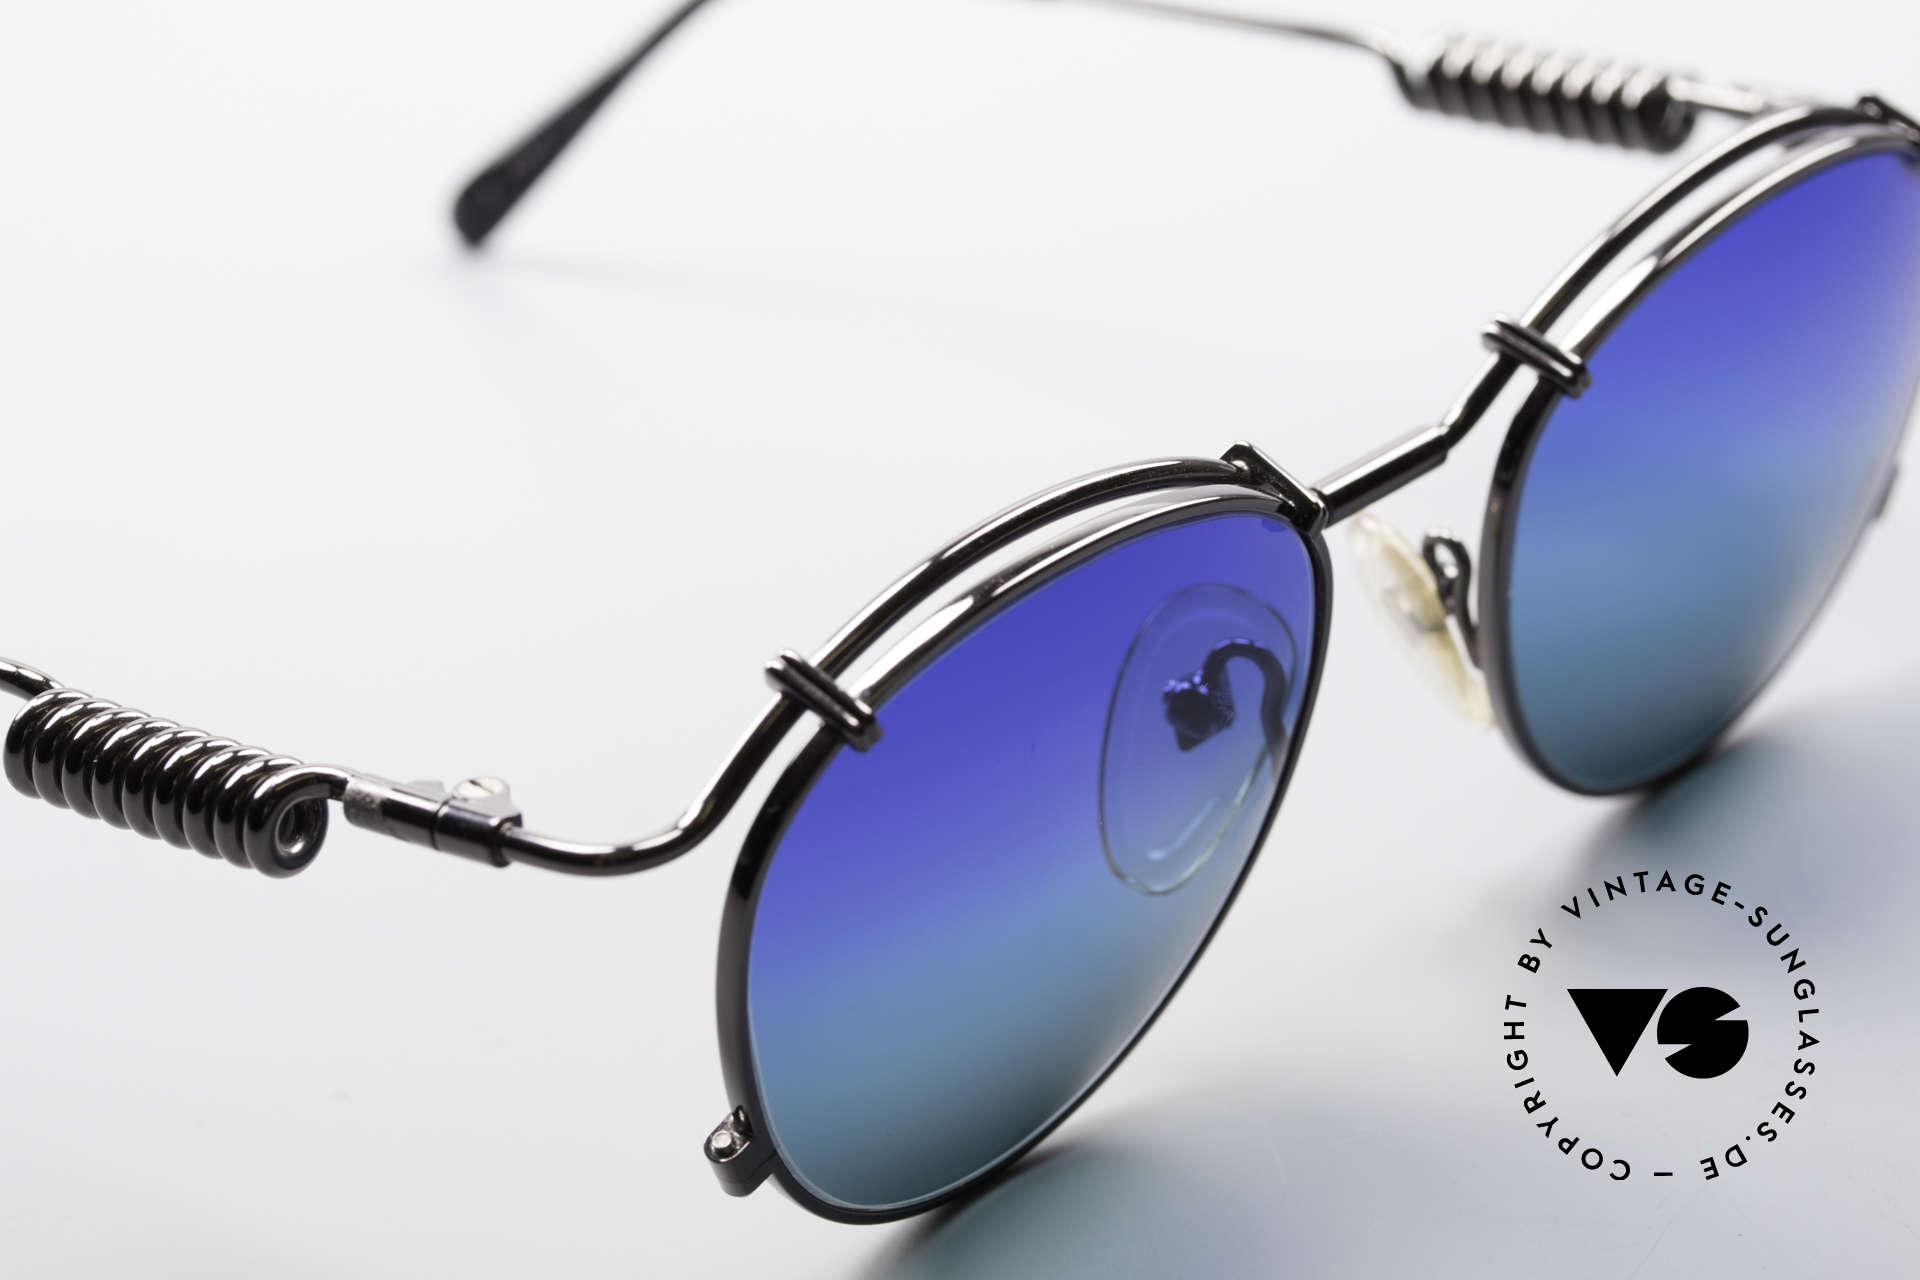 Jean Paul Gaultier 56-9174 Industrial 90er Sonnenbrille, ungetragen; wie alle unsere alten Gaultier Brillen, Passend für Herren und Damen